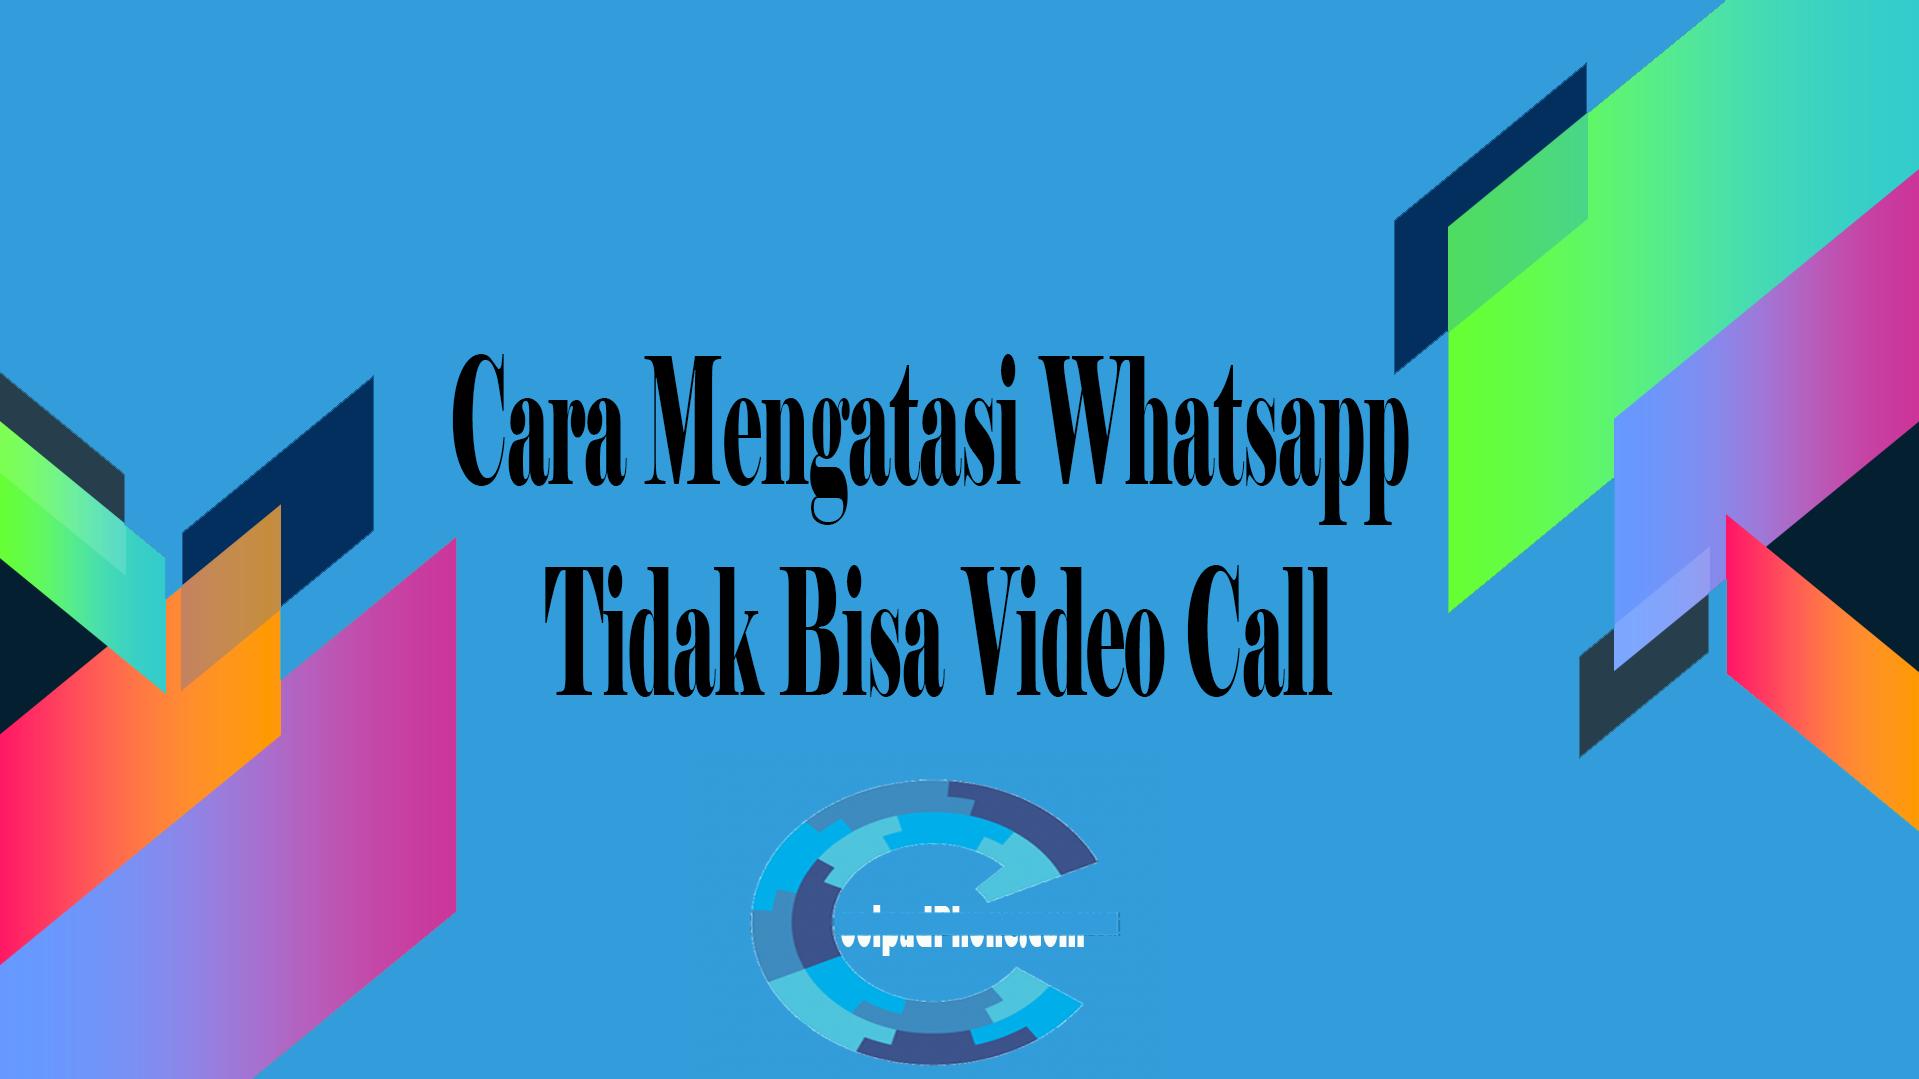 Cara Mengatasi Whatsapp Tidak Bisa Video Call